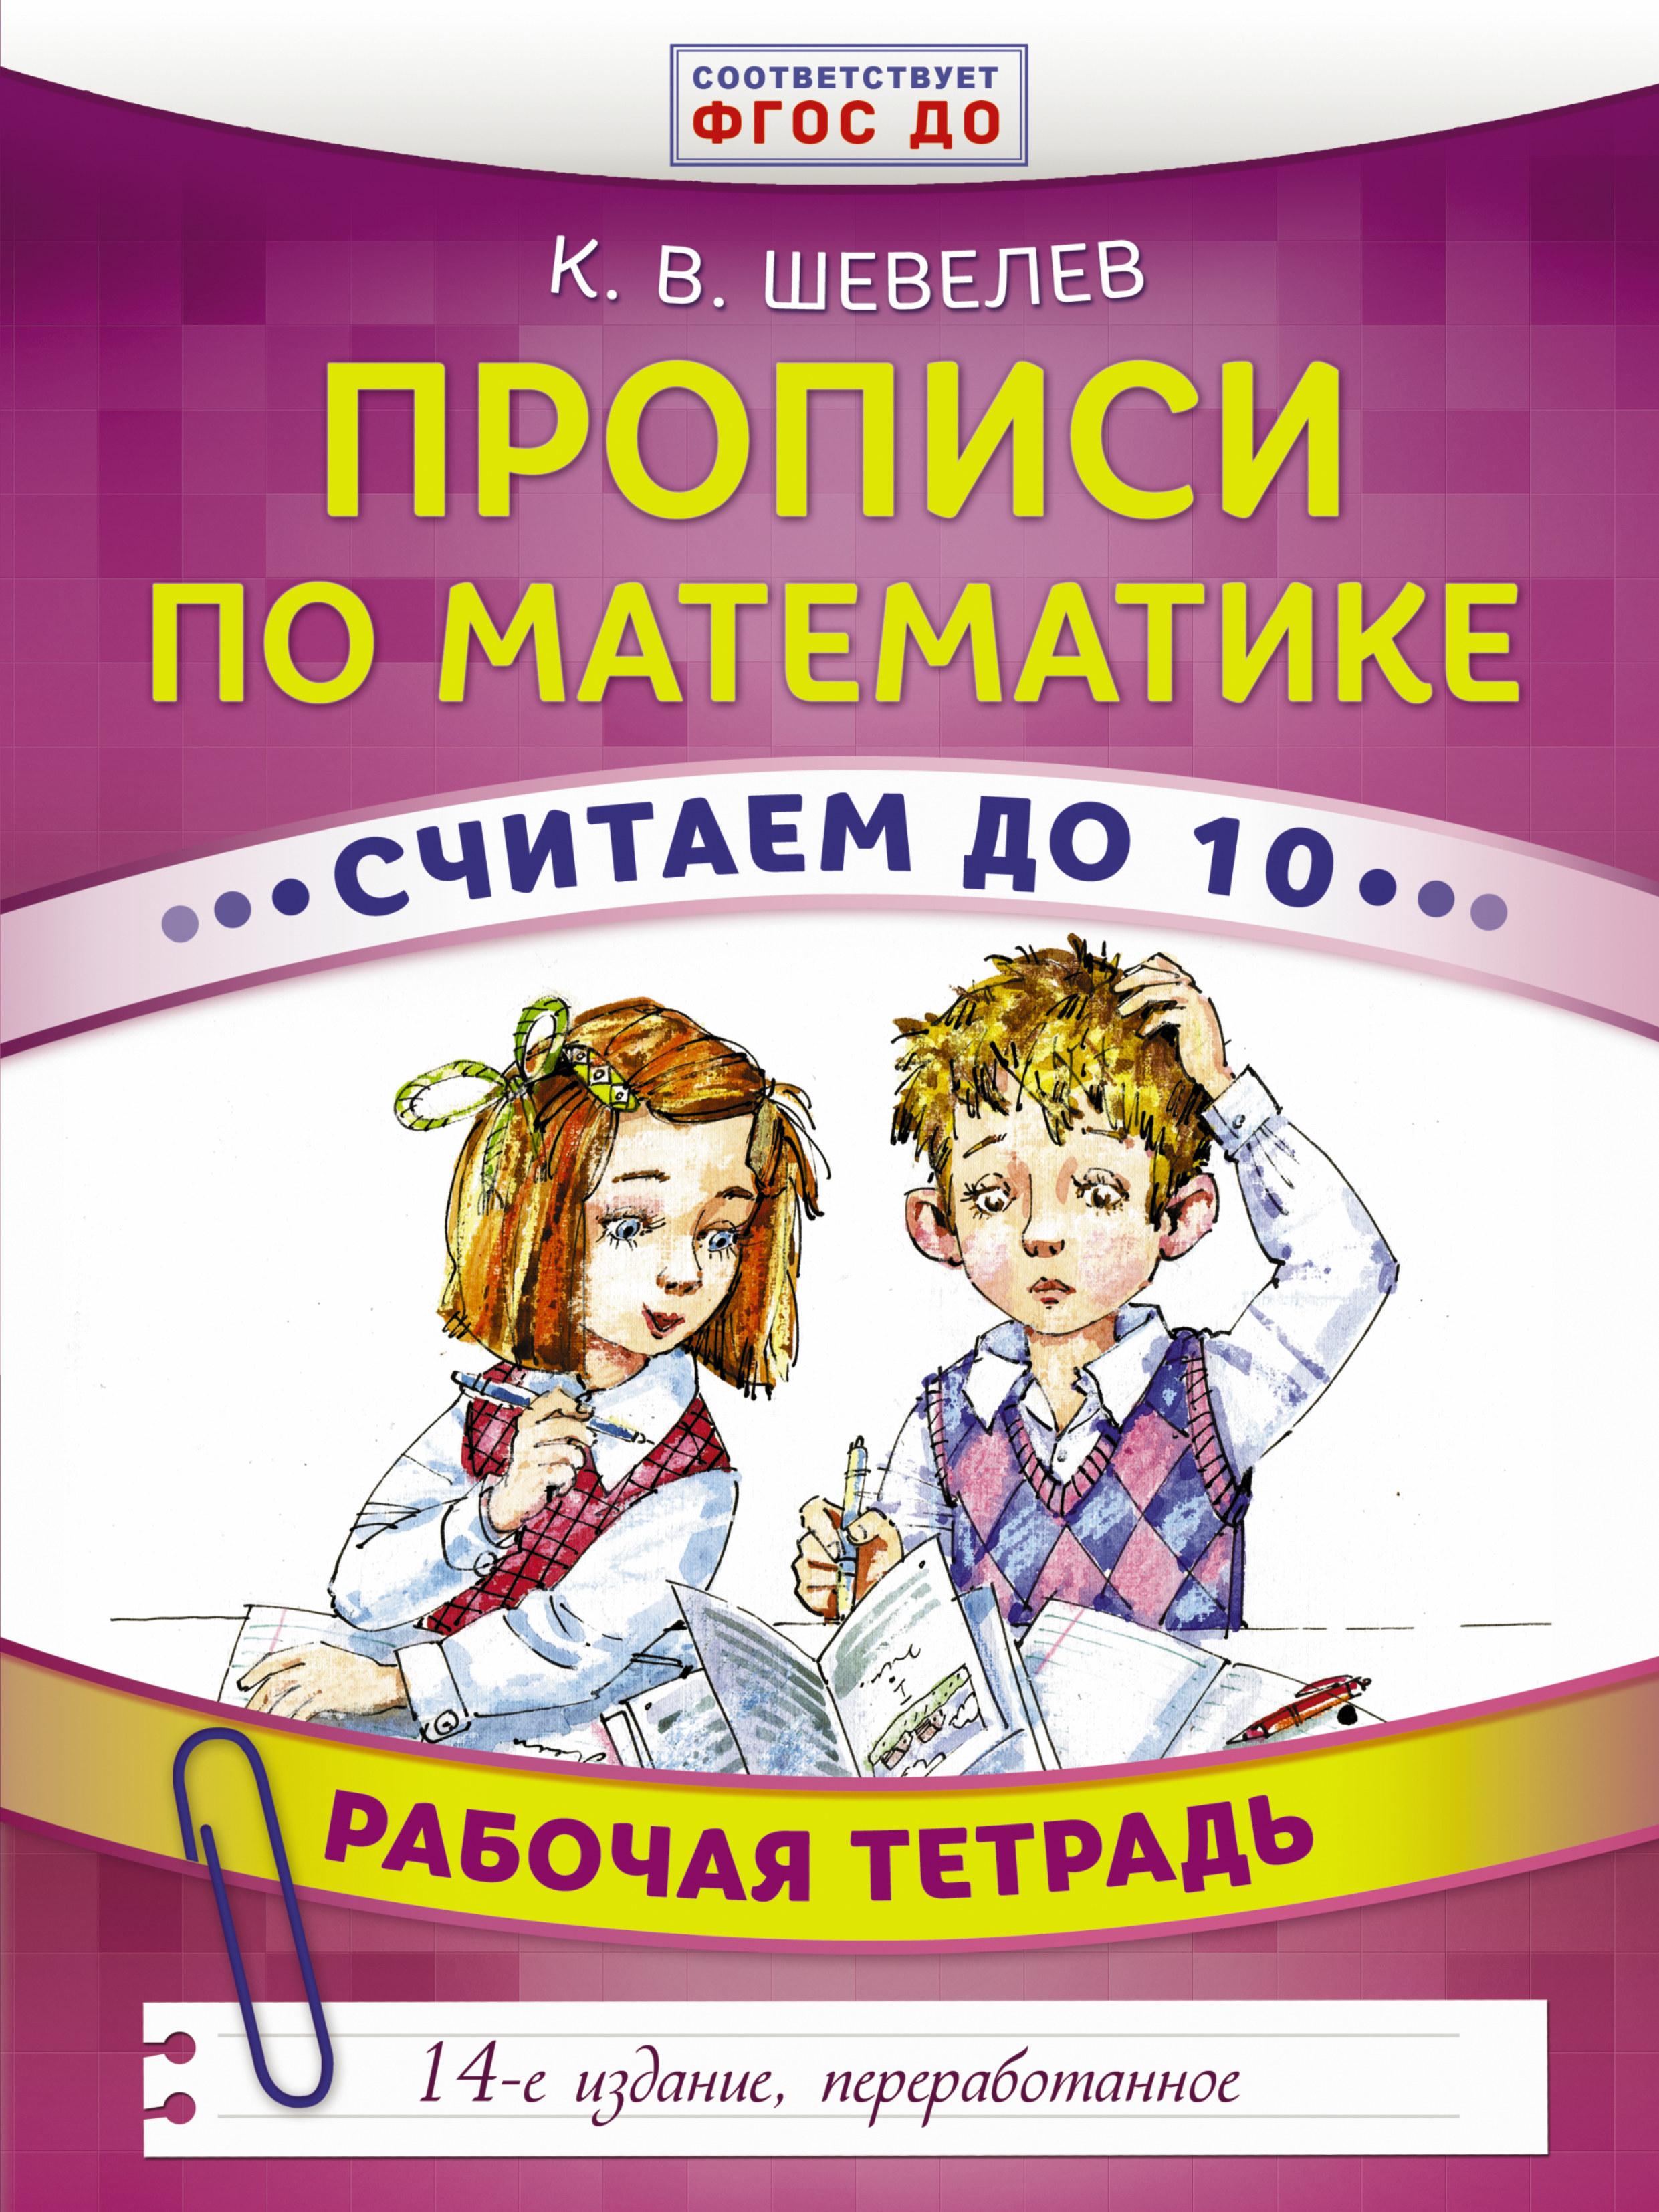 Прописи по математике. Считаем до 10 ( Шевелев К.В.  )